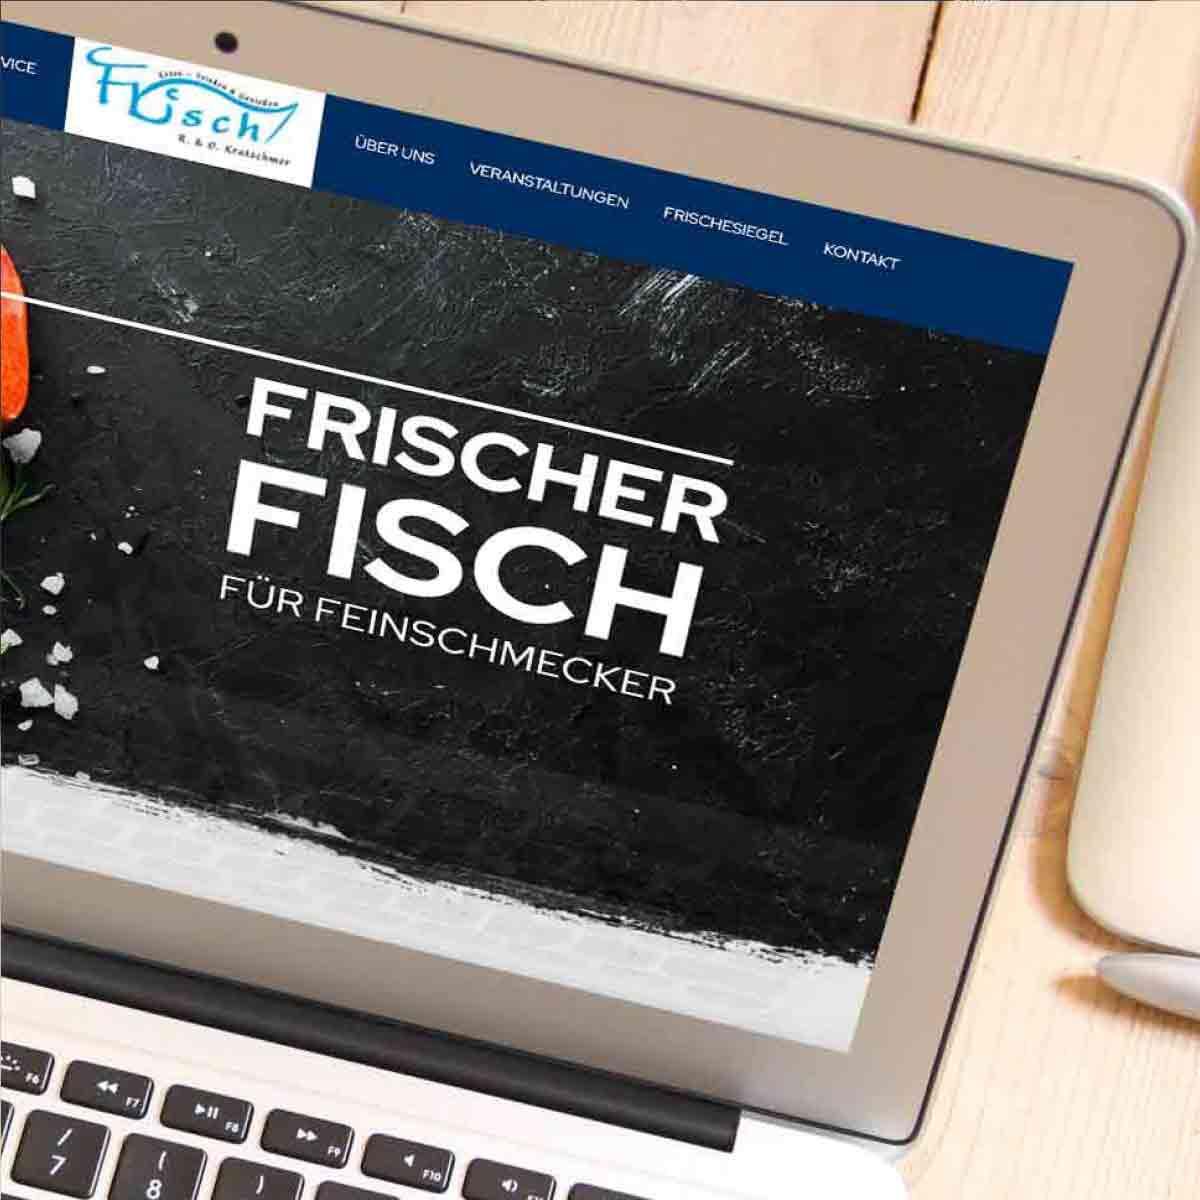 mr. pixel KG | Frischfisch Kratschmer | Header2